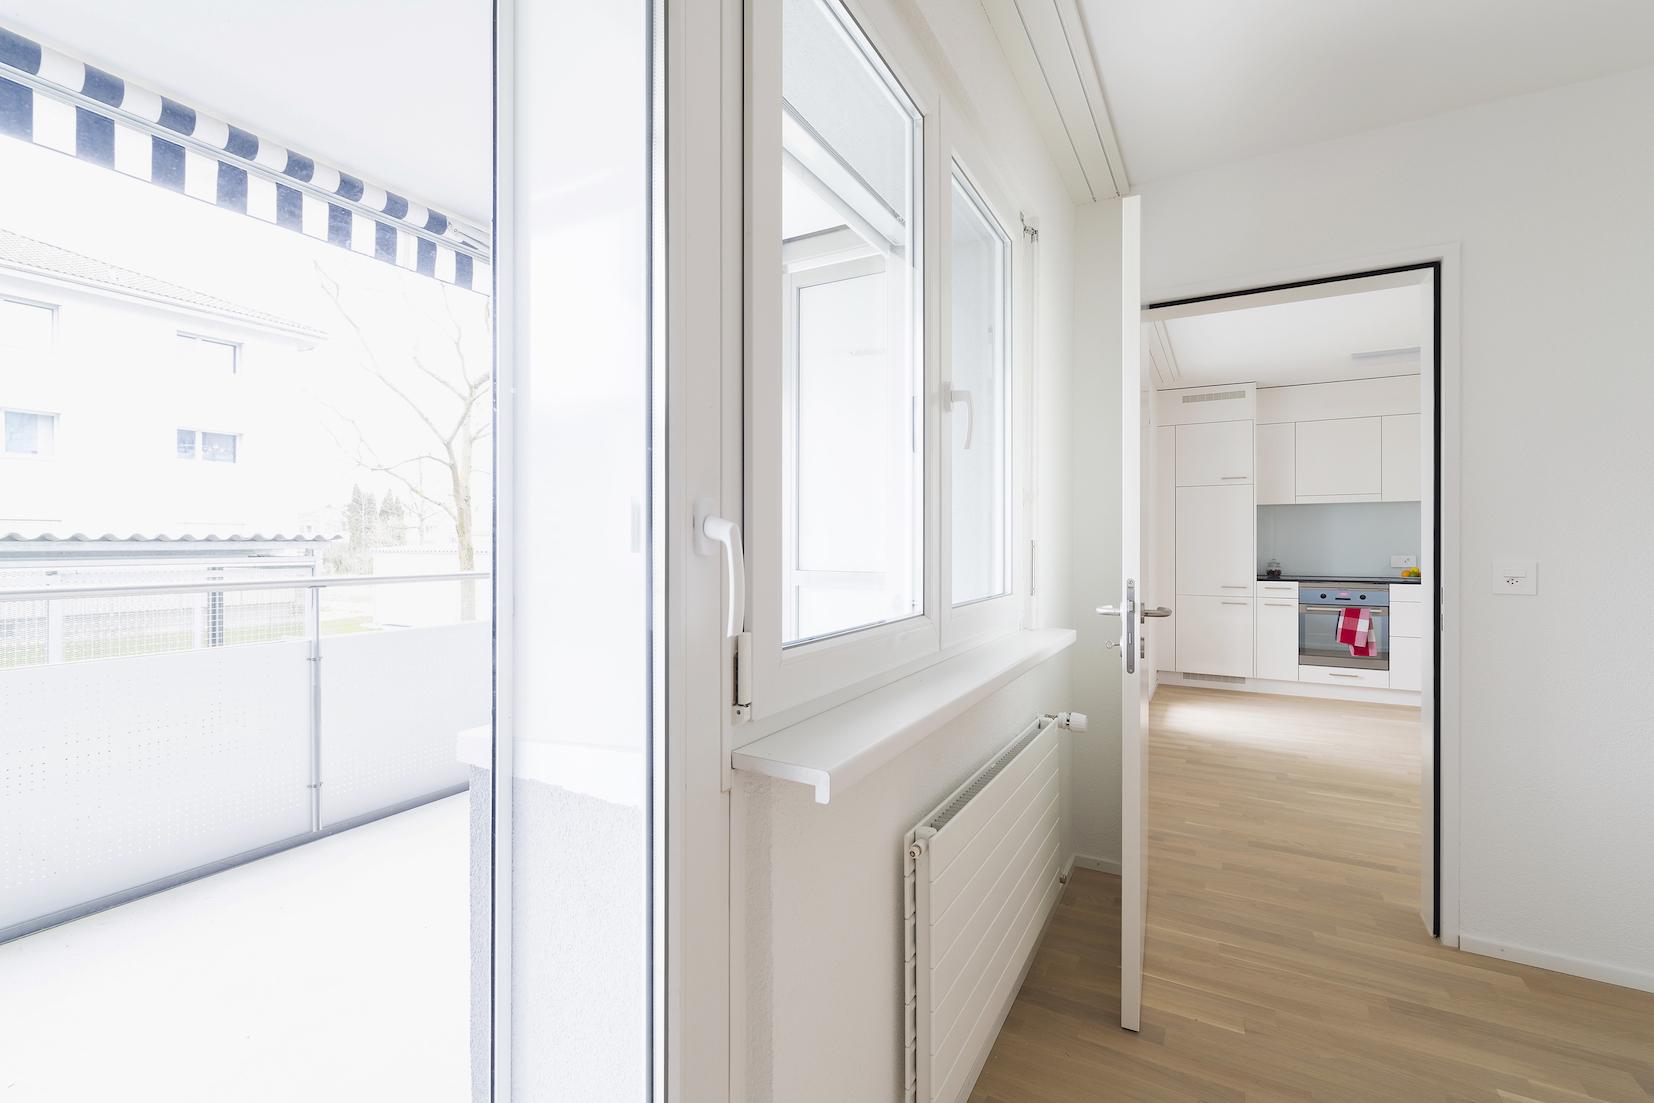 Ziemlich Küchengeräte Für Kleine Wohnungen Bilder - Küchen Design ...